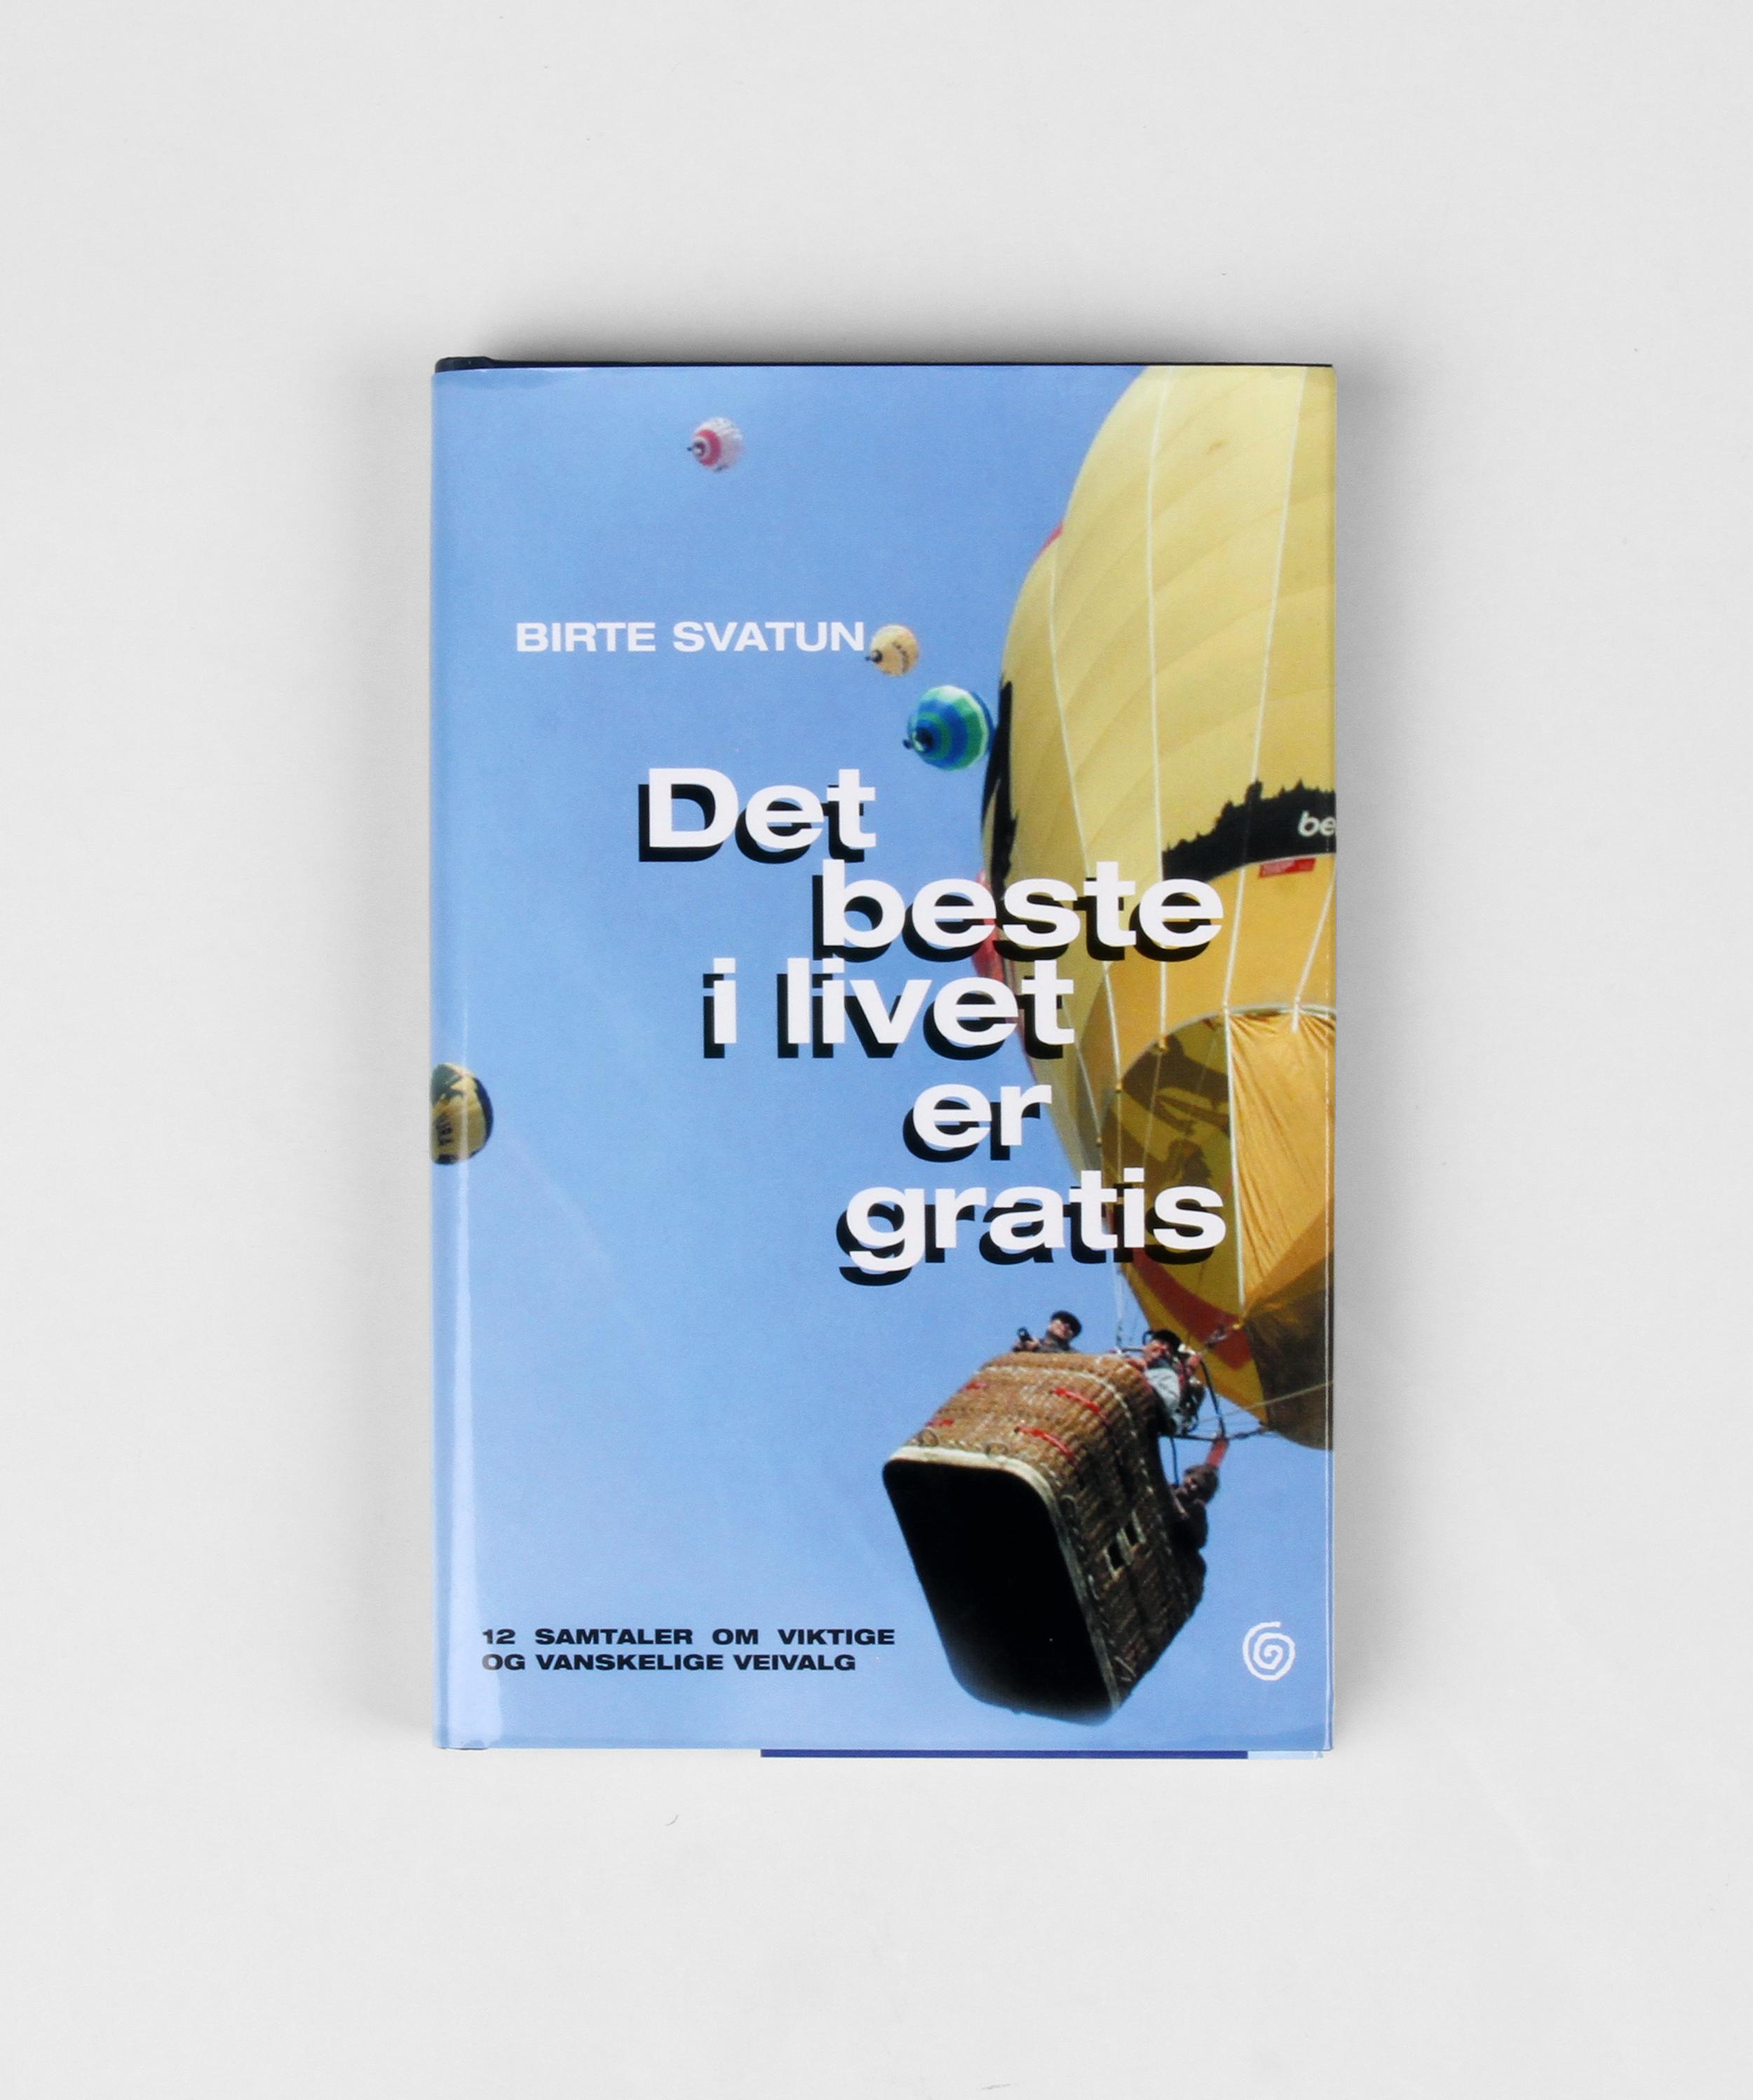 Birte Svatun - Det beste i livet er gratis (1).jpg